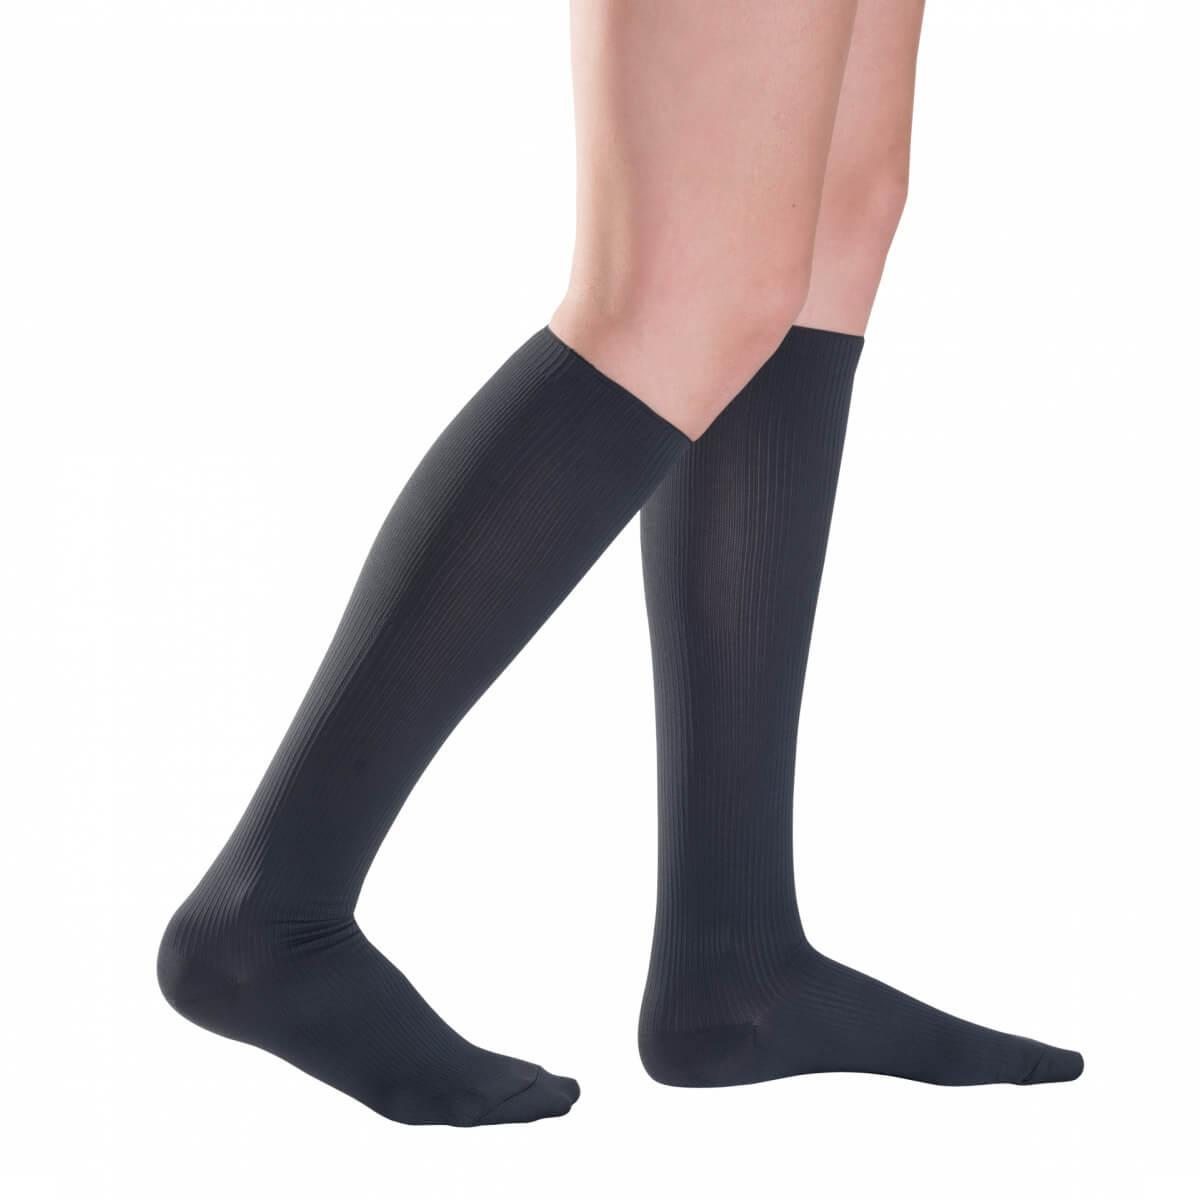 Kompresné ponožky Traveno by SIGVARIS - antracitové, veľkosť 36-37